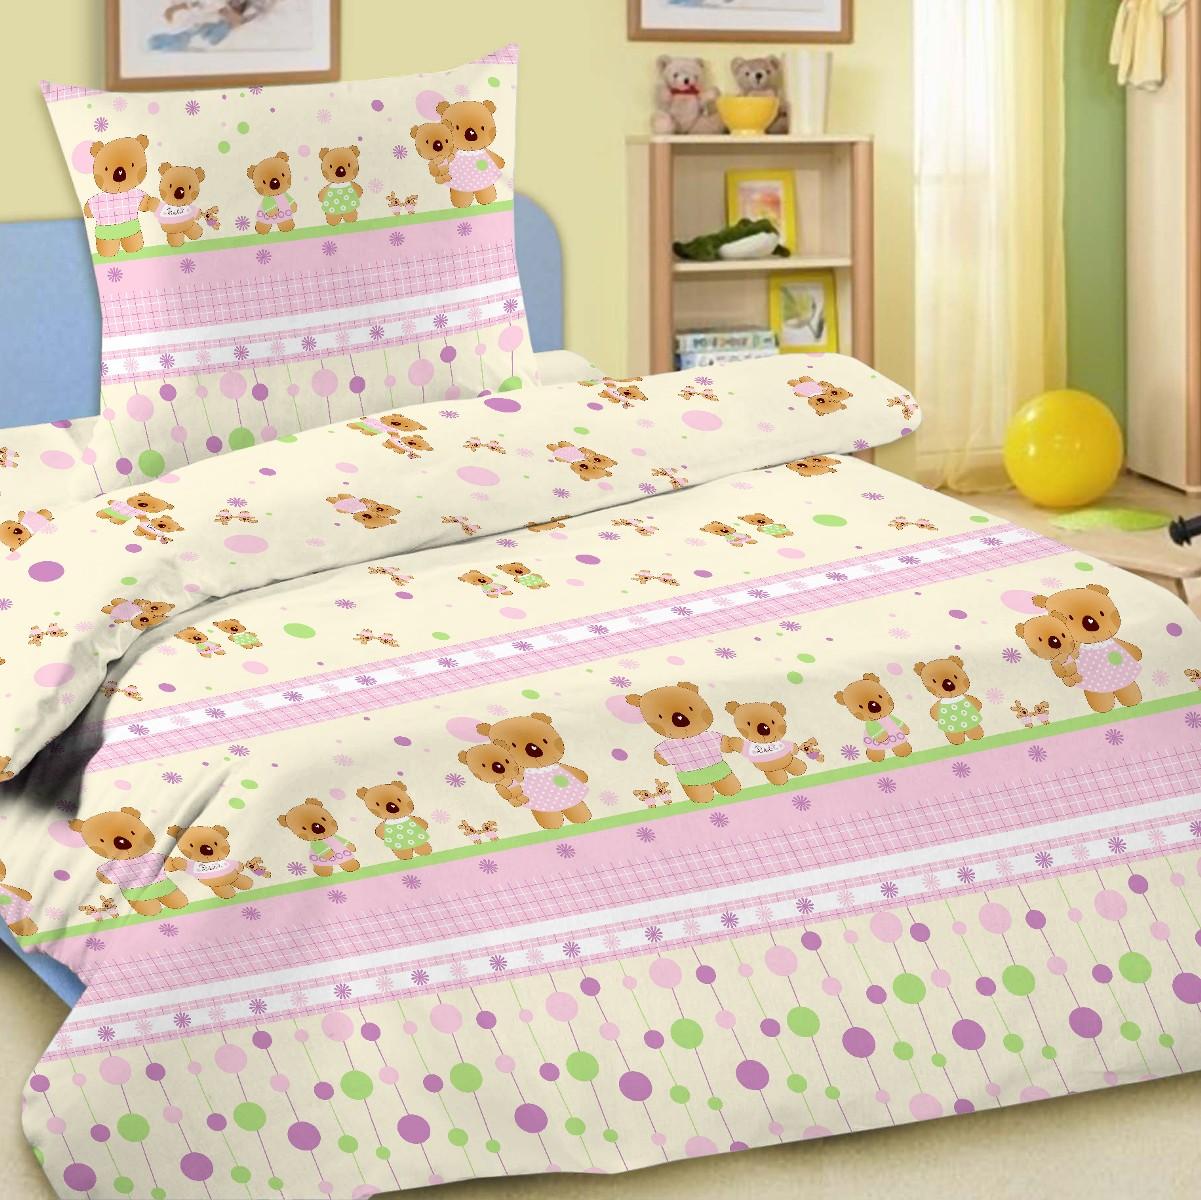 Letto Комплект в кроватку Ясли 3 предмета BG-14 -  Постельное белье